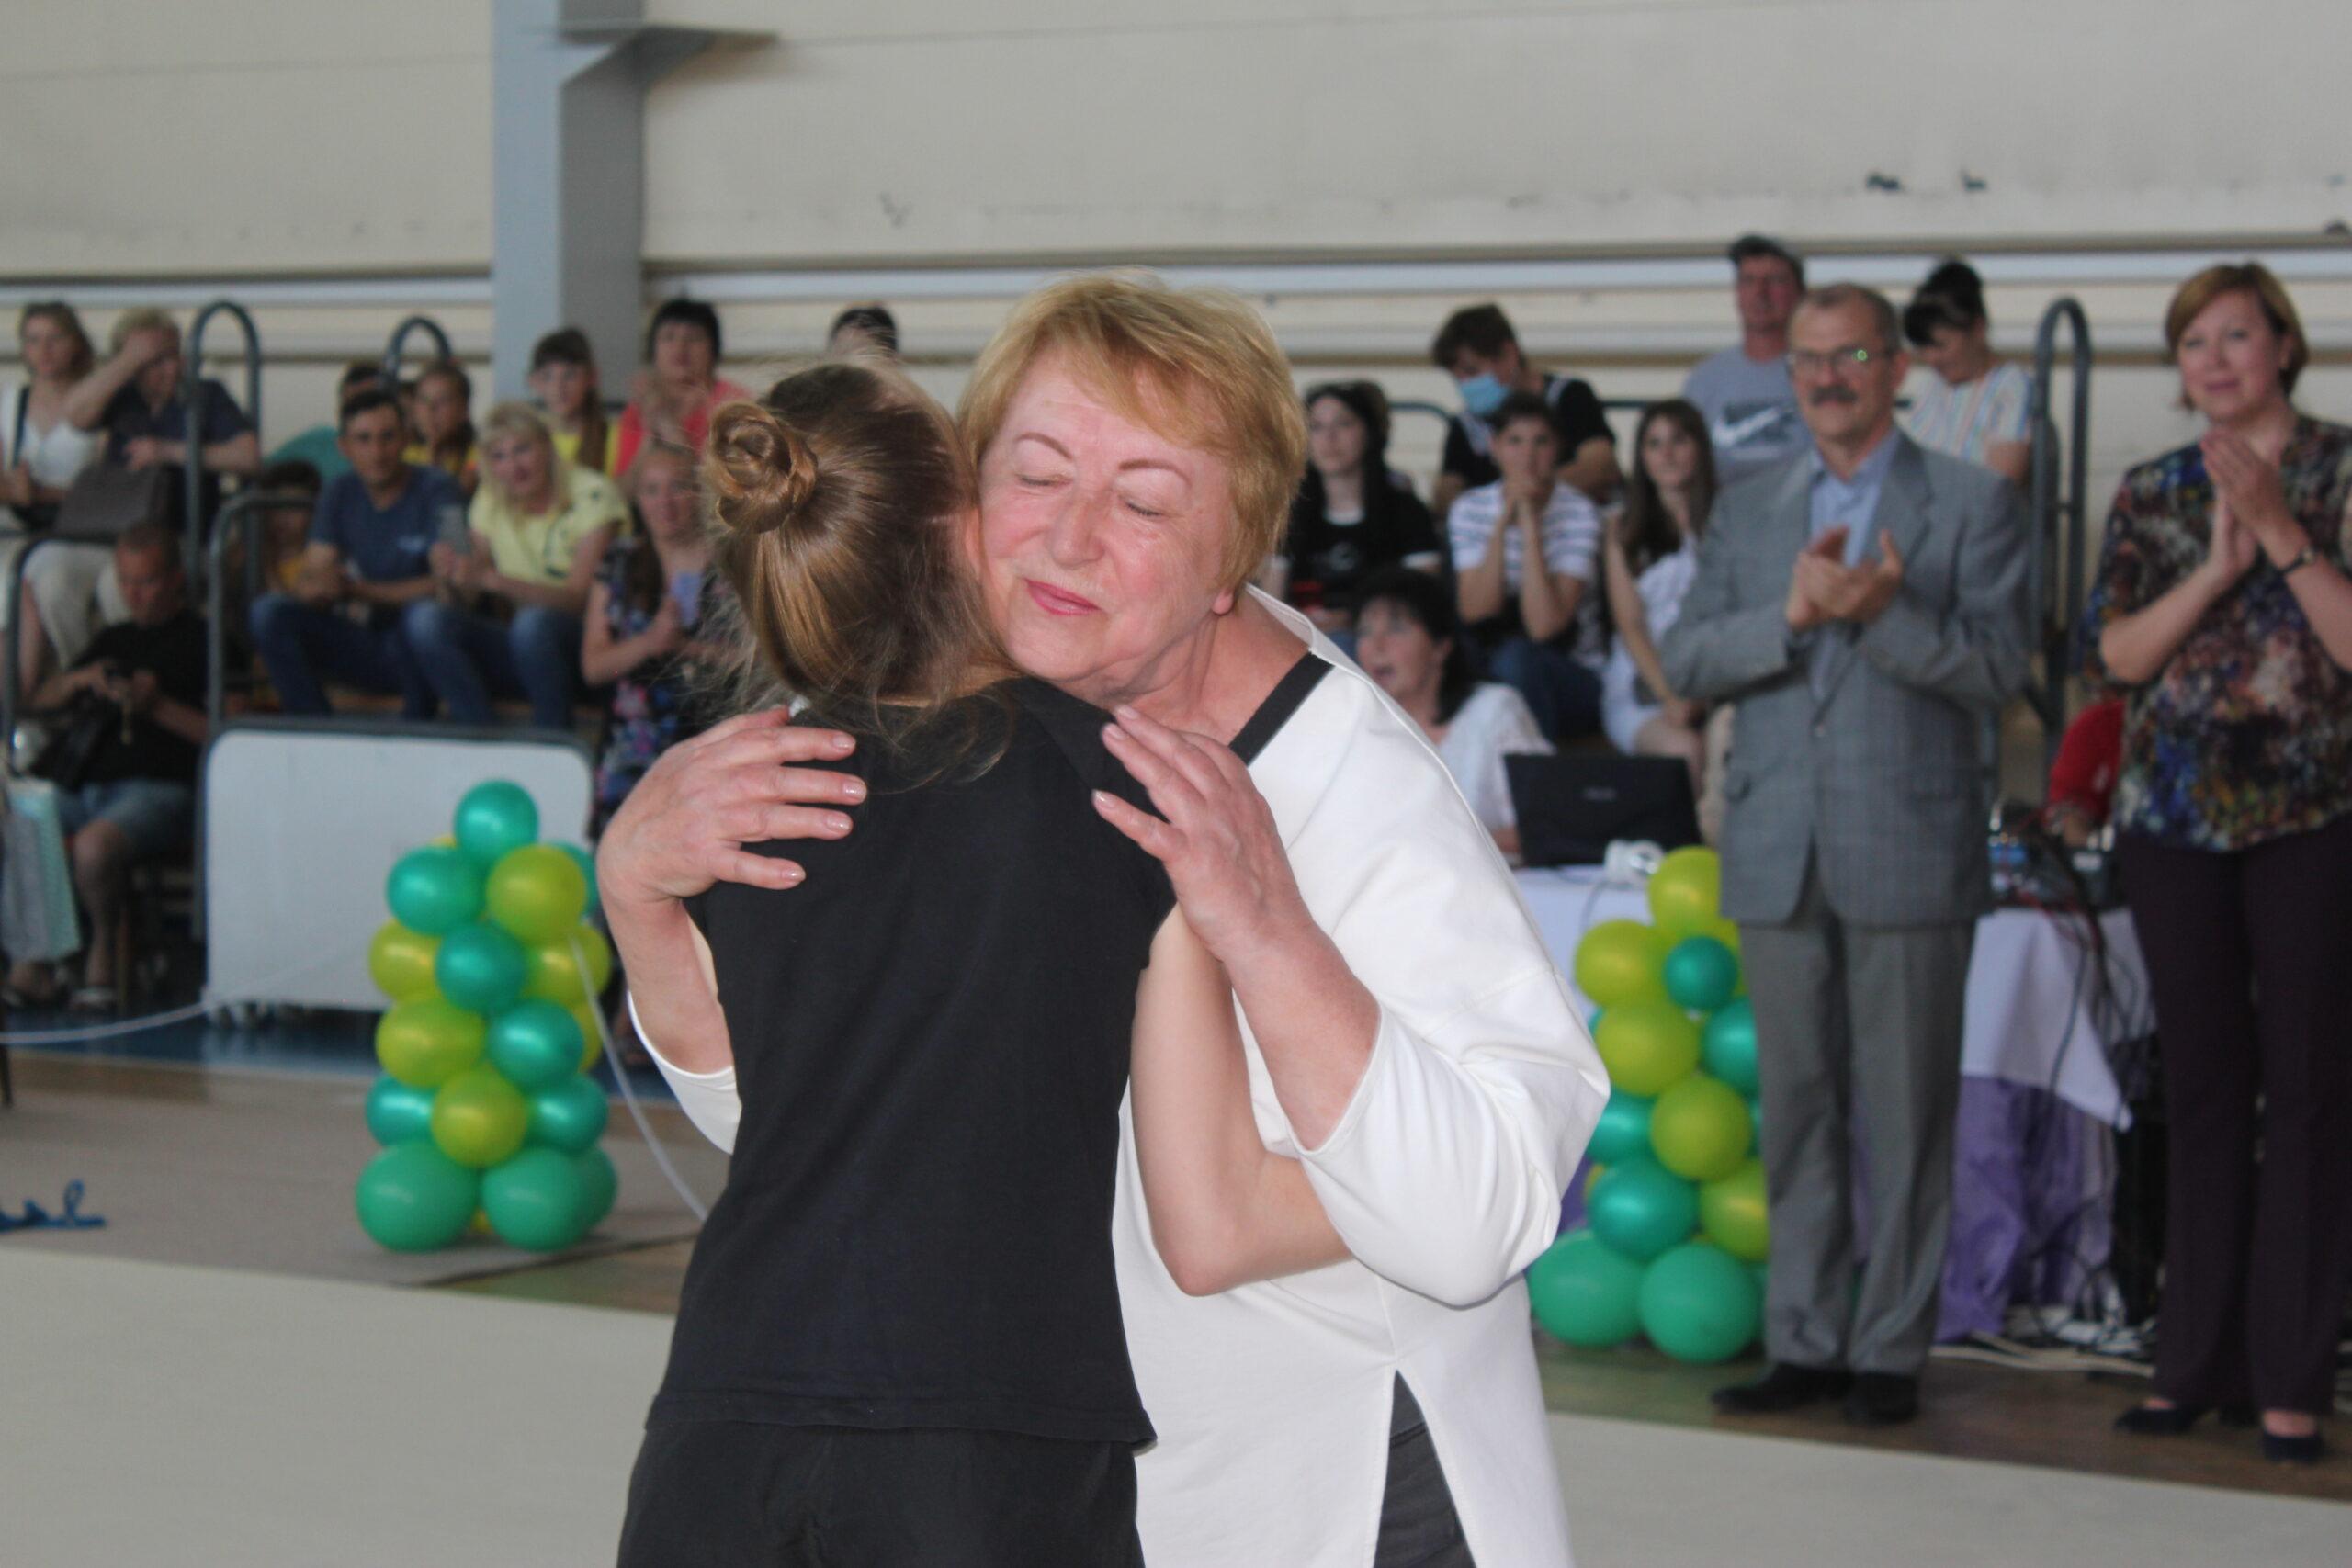 В Измаиле стартовал турнир по художественной гимнастике, на который приехали и участники из ближнего зарубежья